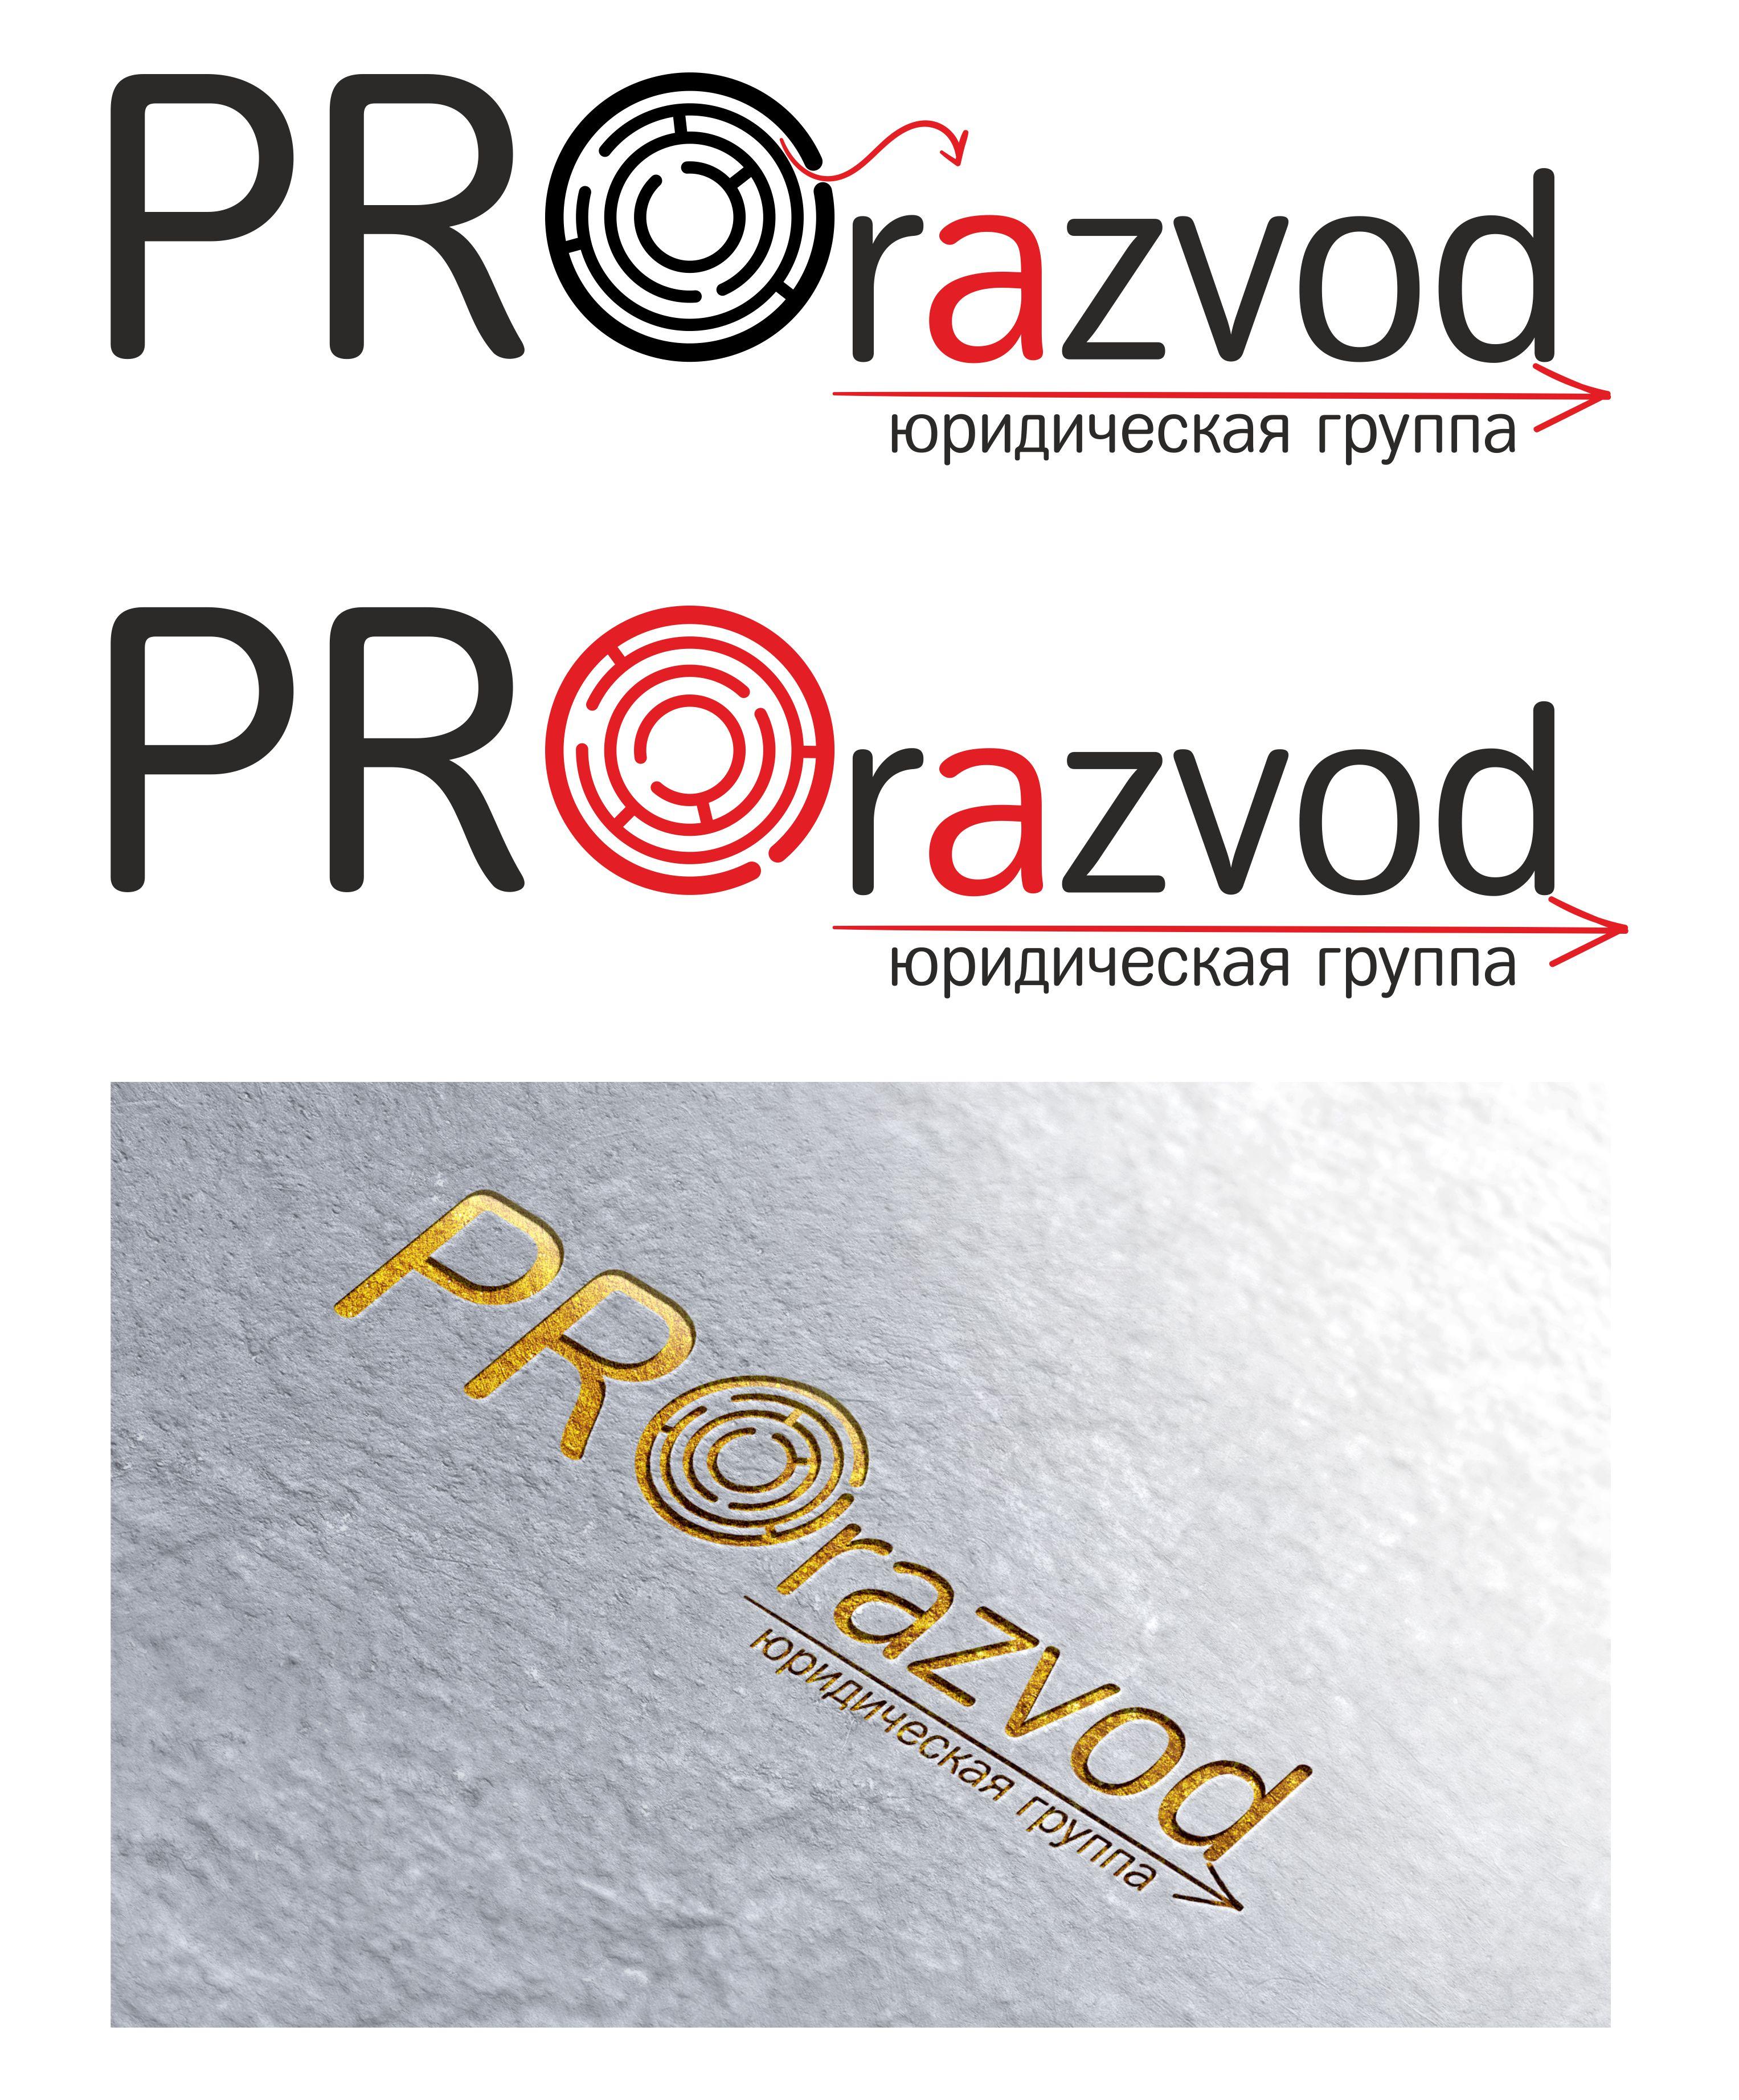 Логотип и фирм стиль для бракоразводного агенства. фото f_5535878a8deedff8.jpg